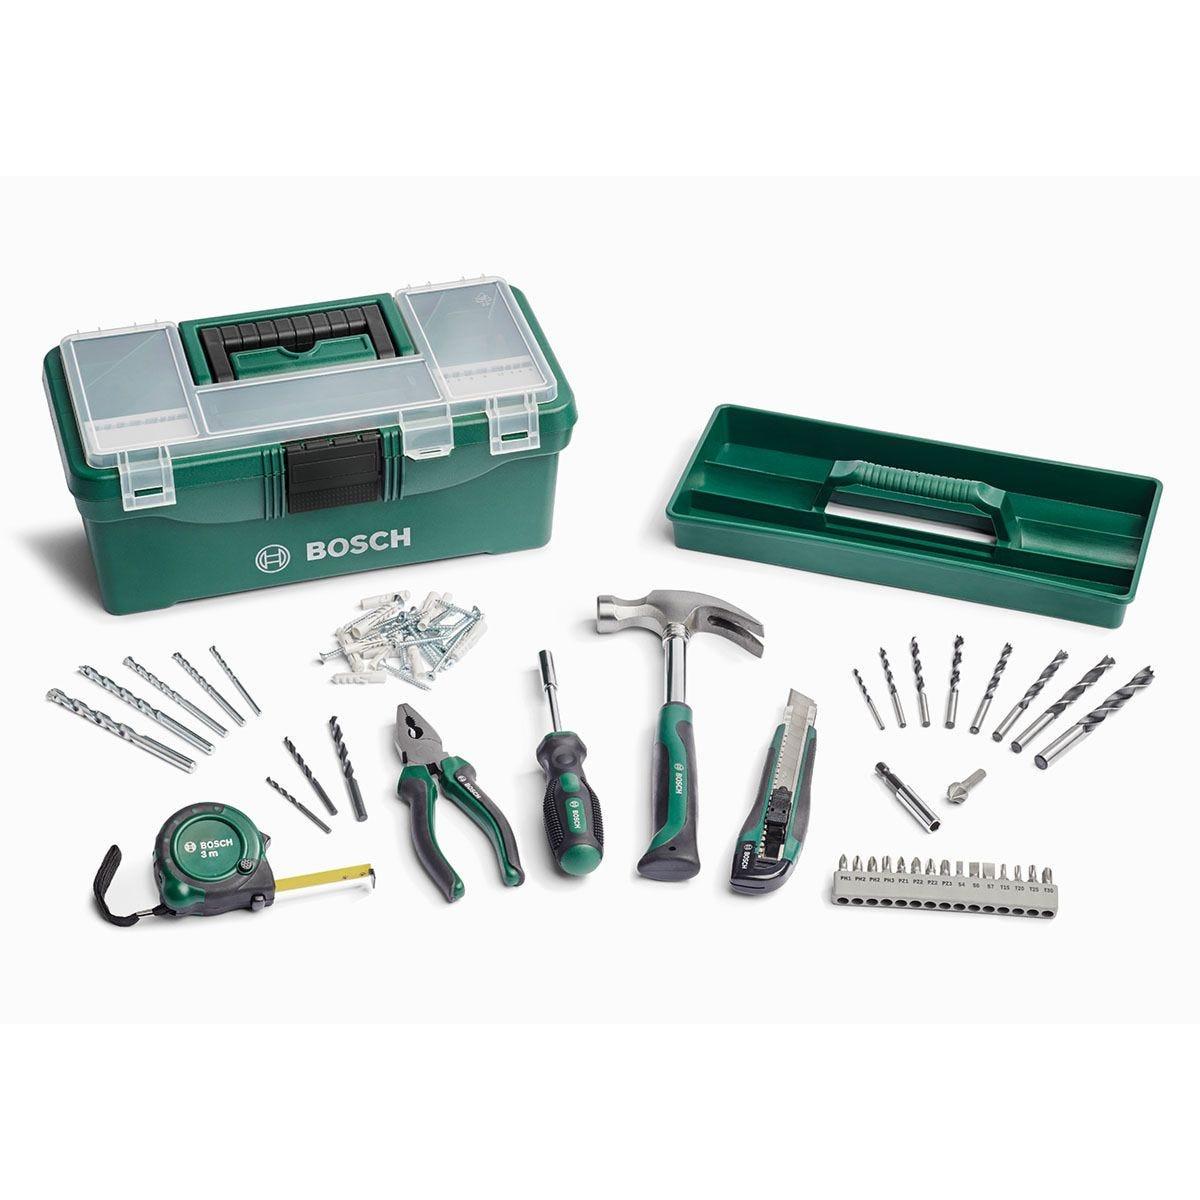 Bosch 73 Piece Home Tool Kit - Green